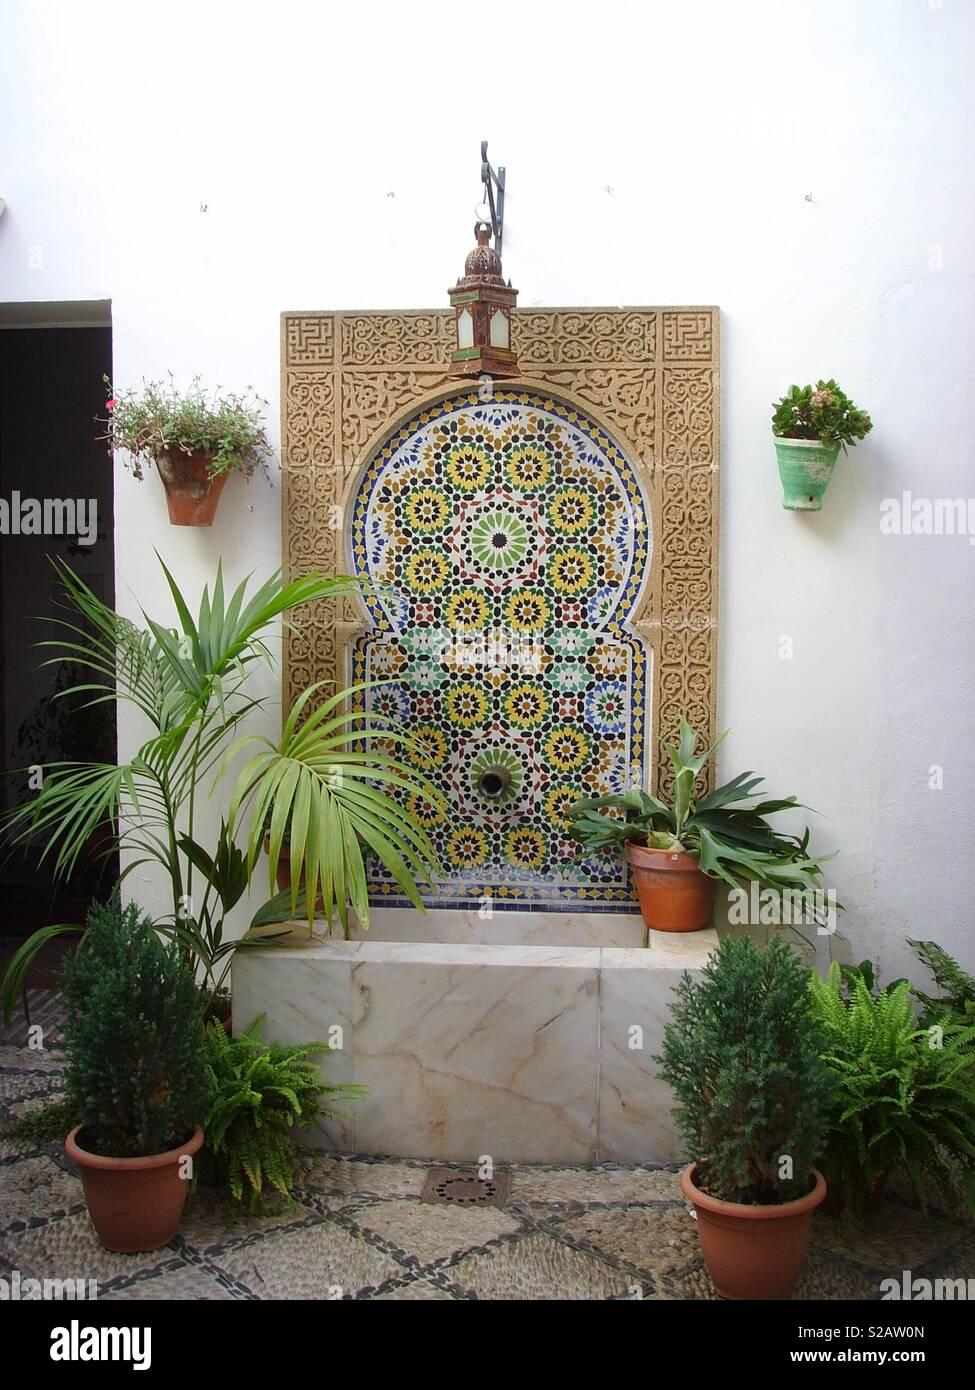 Arte islamica Immagini Stock